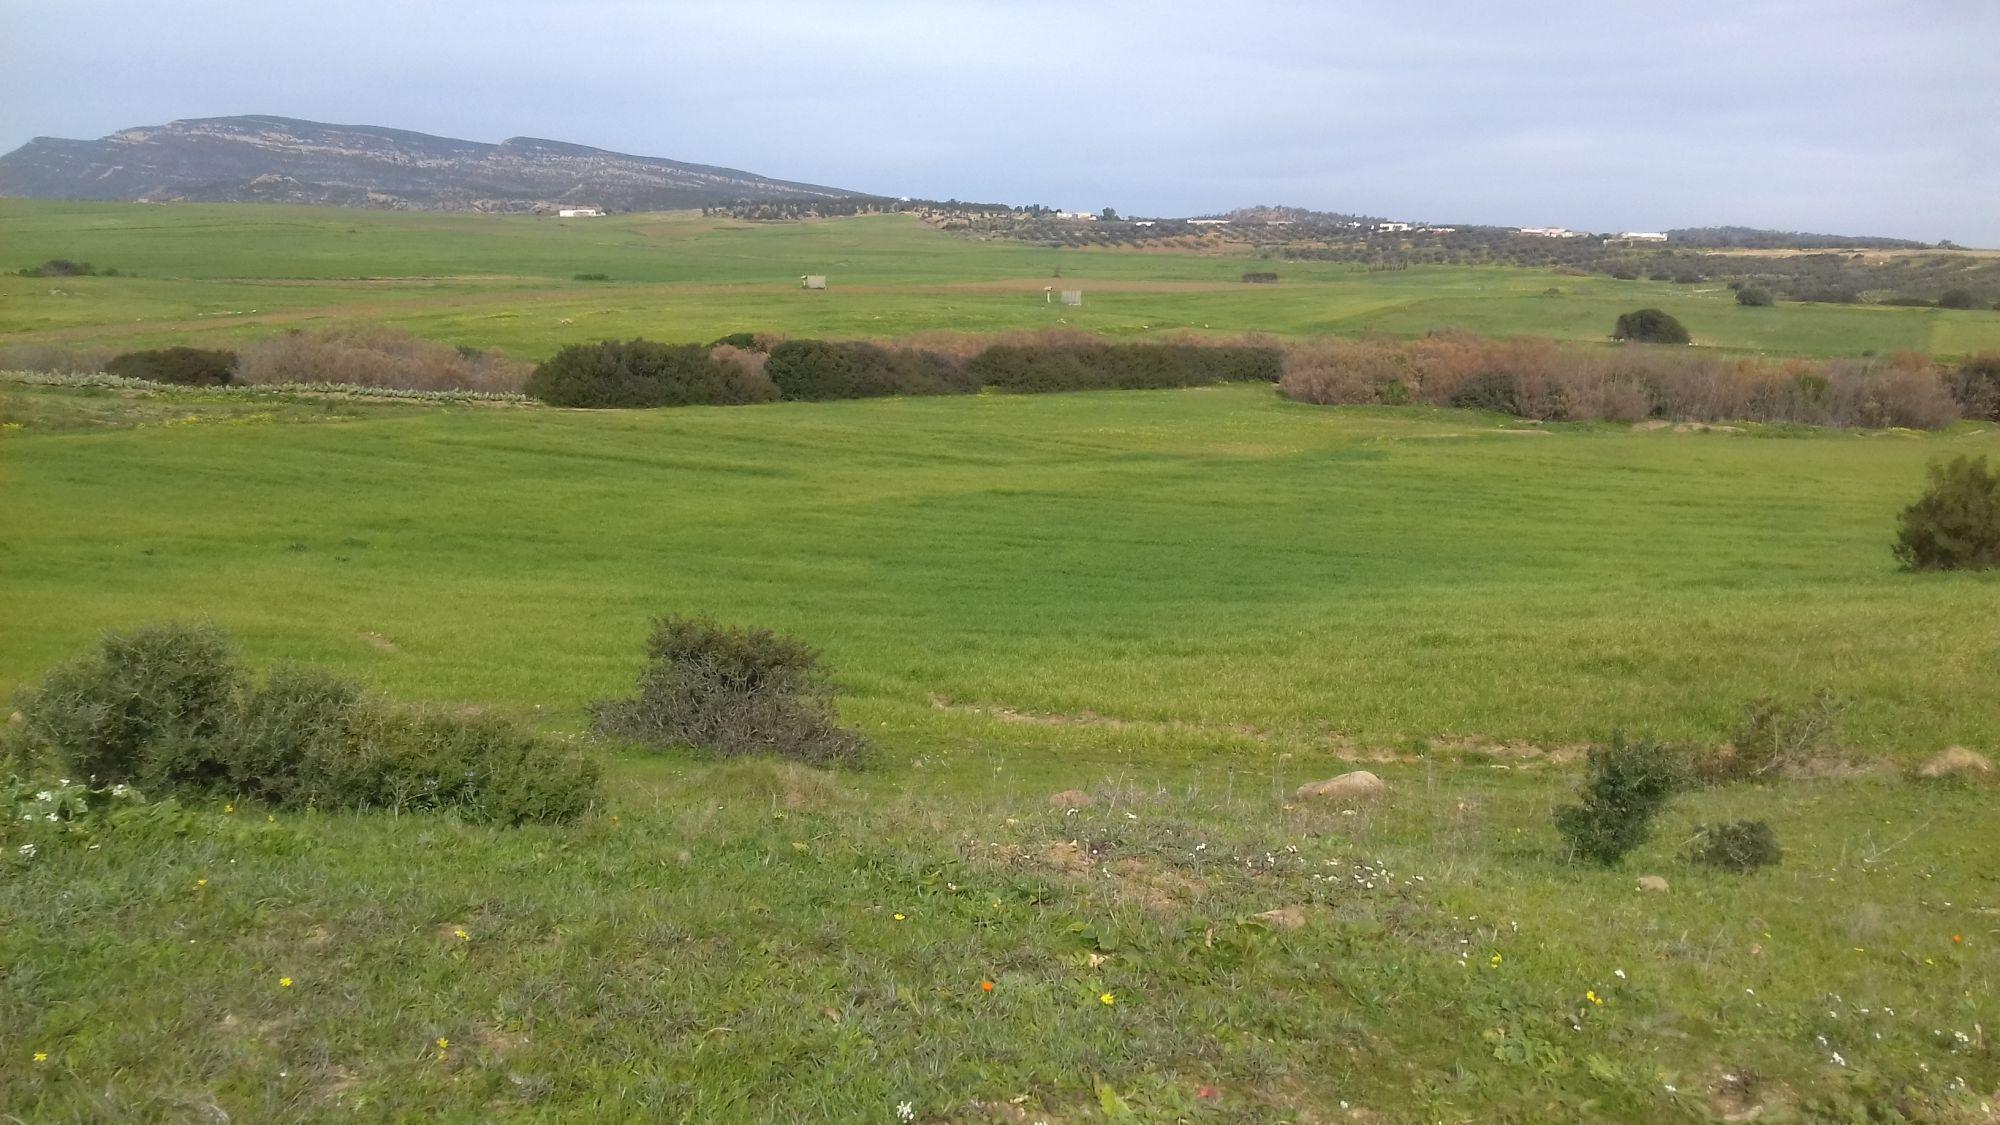 Terrain agricole vendre el monchar route sidi jdidi vente terrain sidi jedidi for Construction terrain agricole